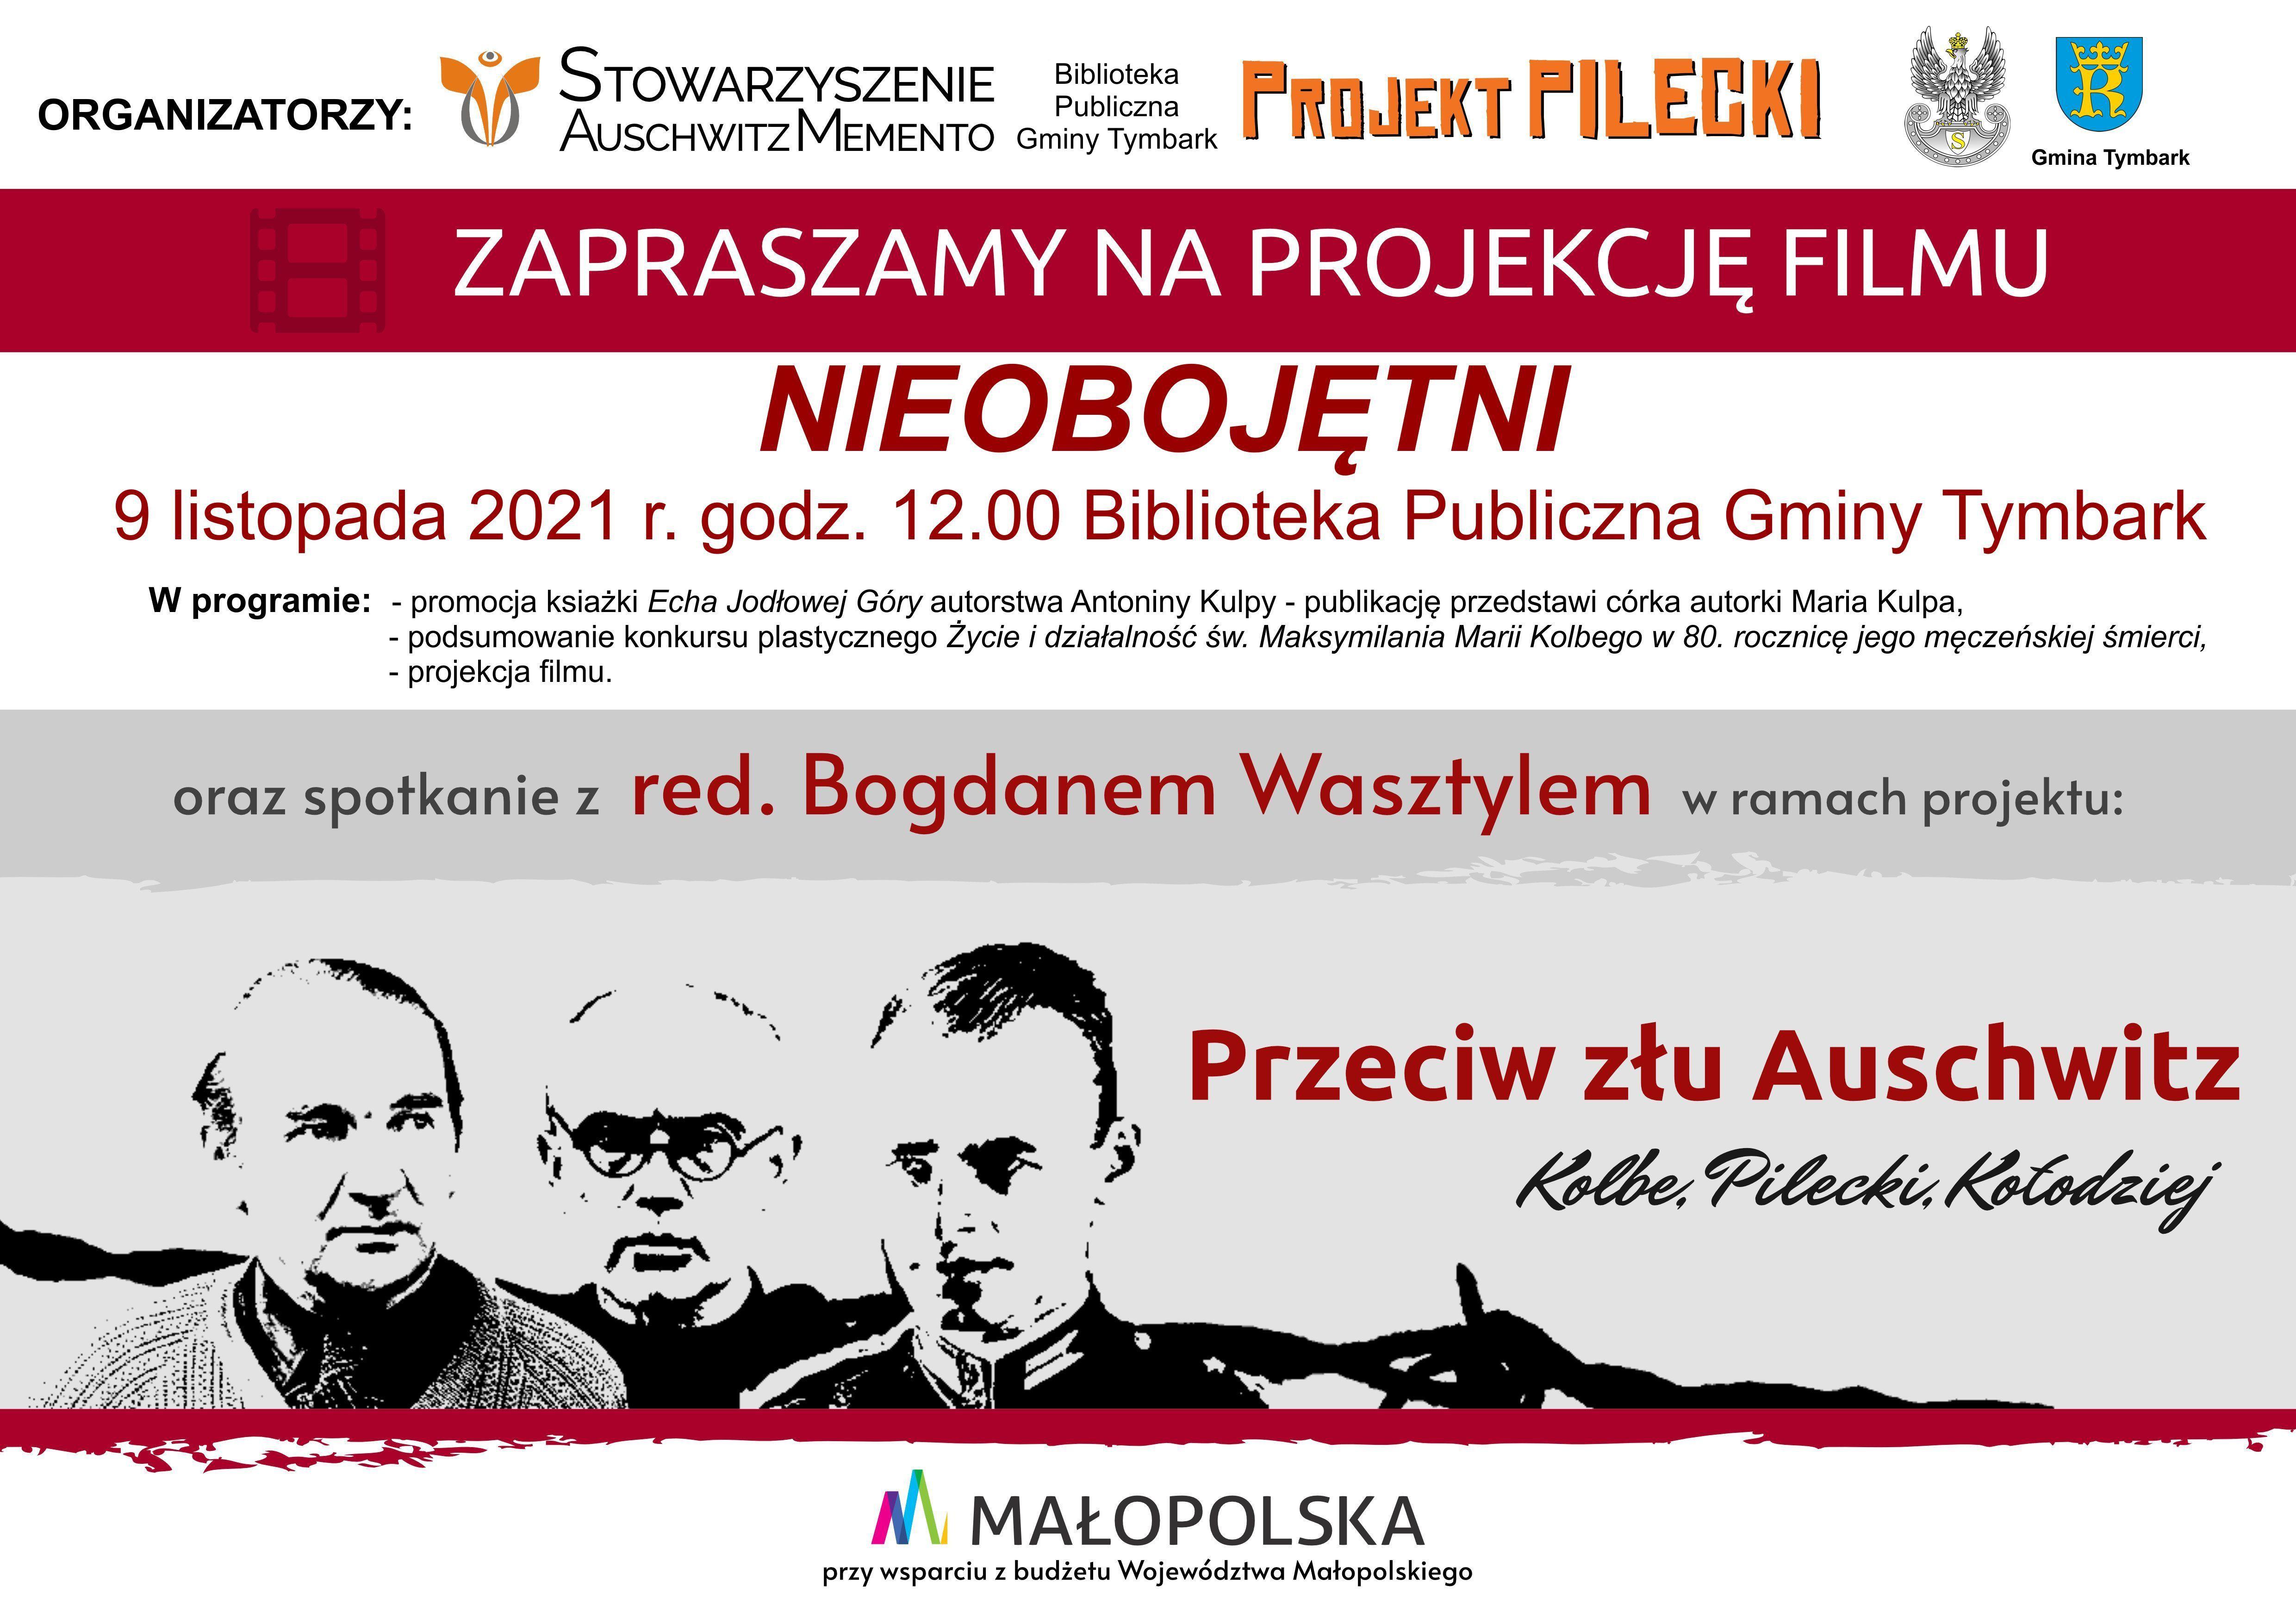 Plakat zapraszajacy na wydarzenie: projekcja filmu pt. Nieobojetni 9 listopada 2021r. 12.00 w Bibliotece Publicznej Gminy Tymbark